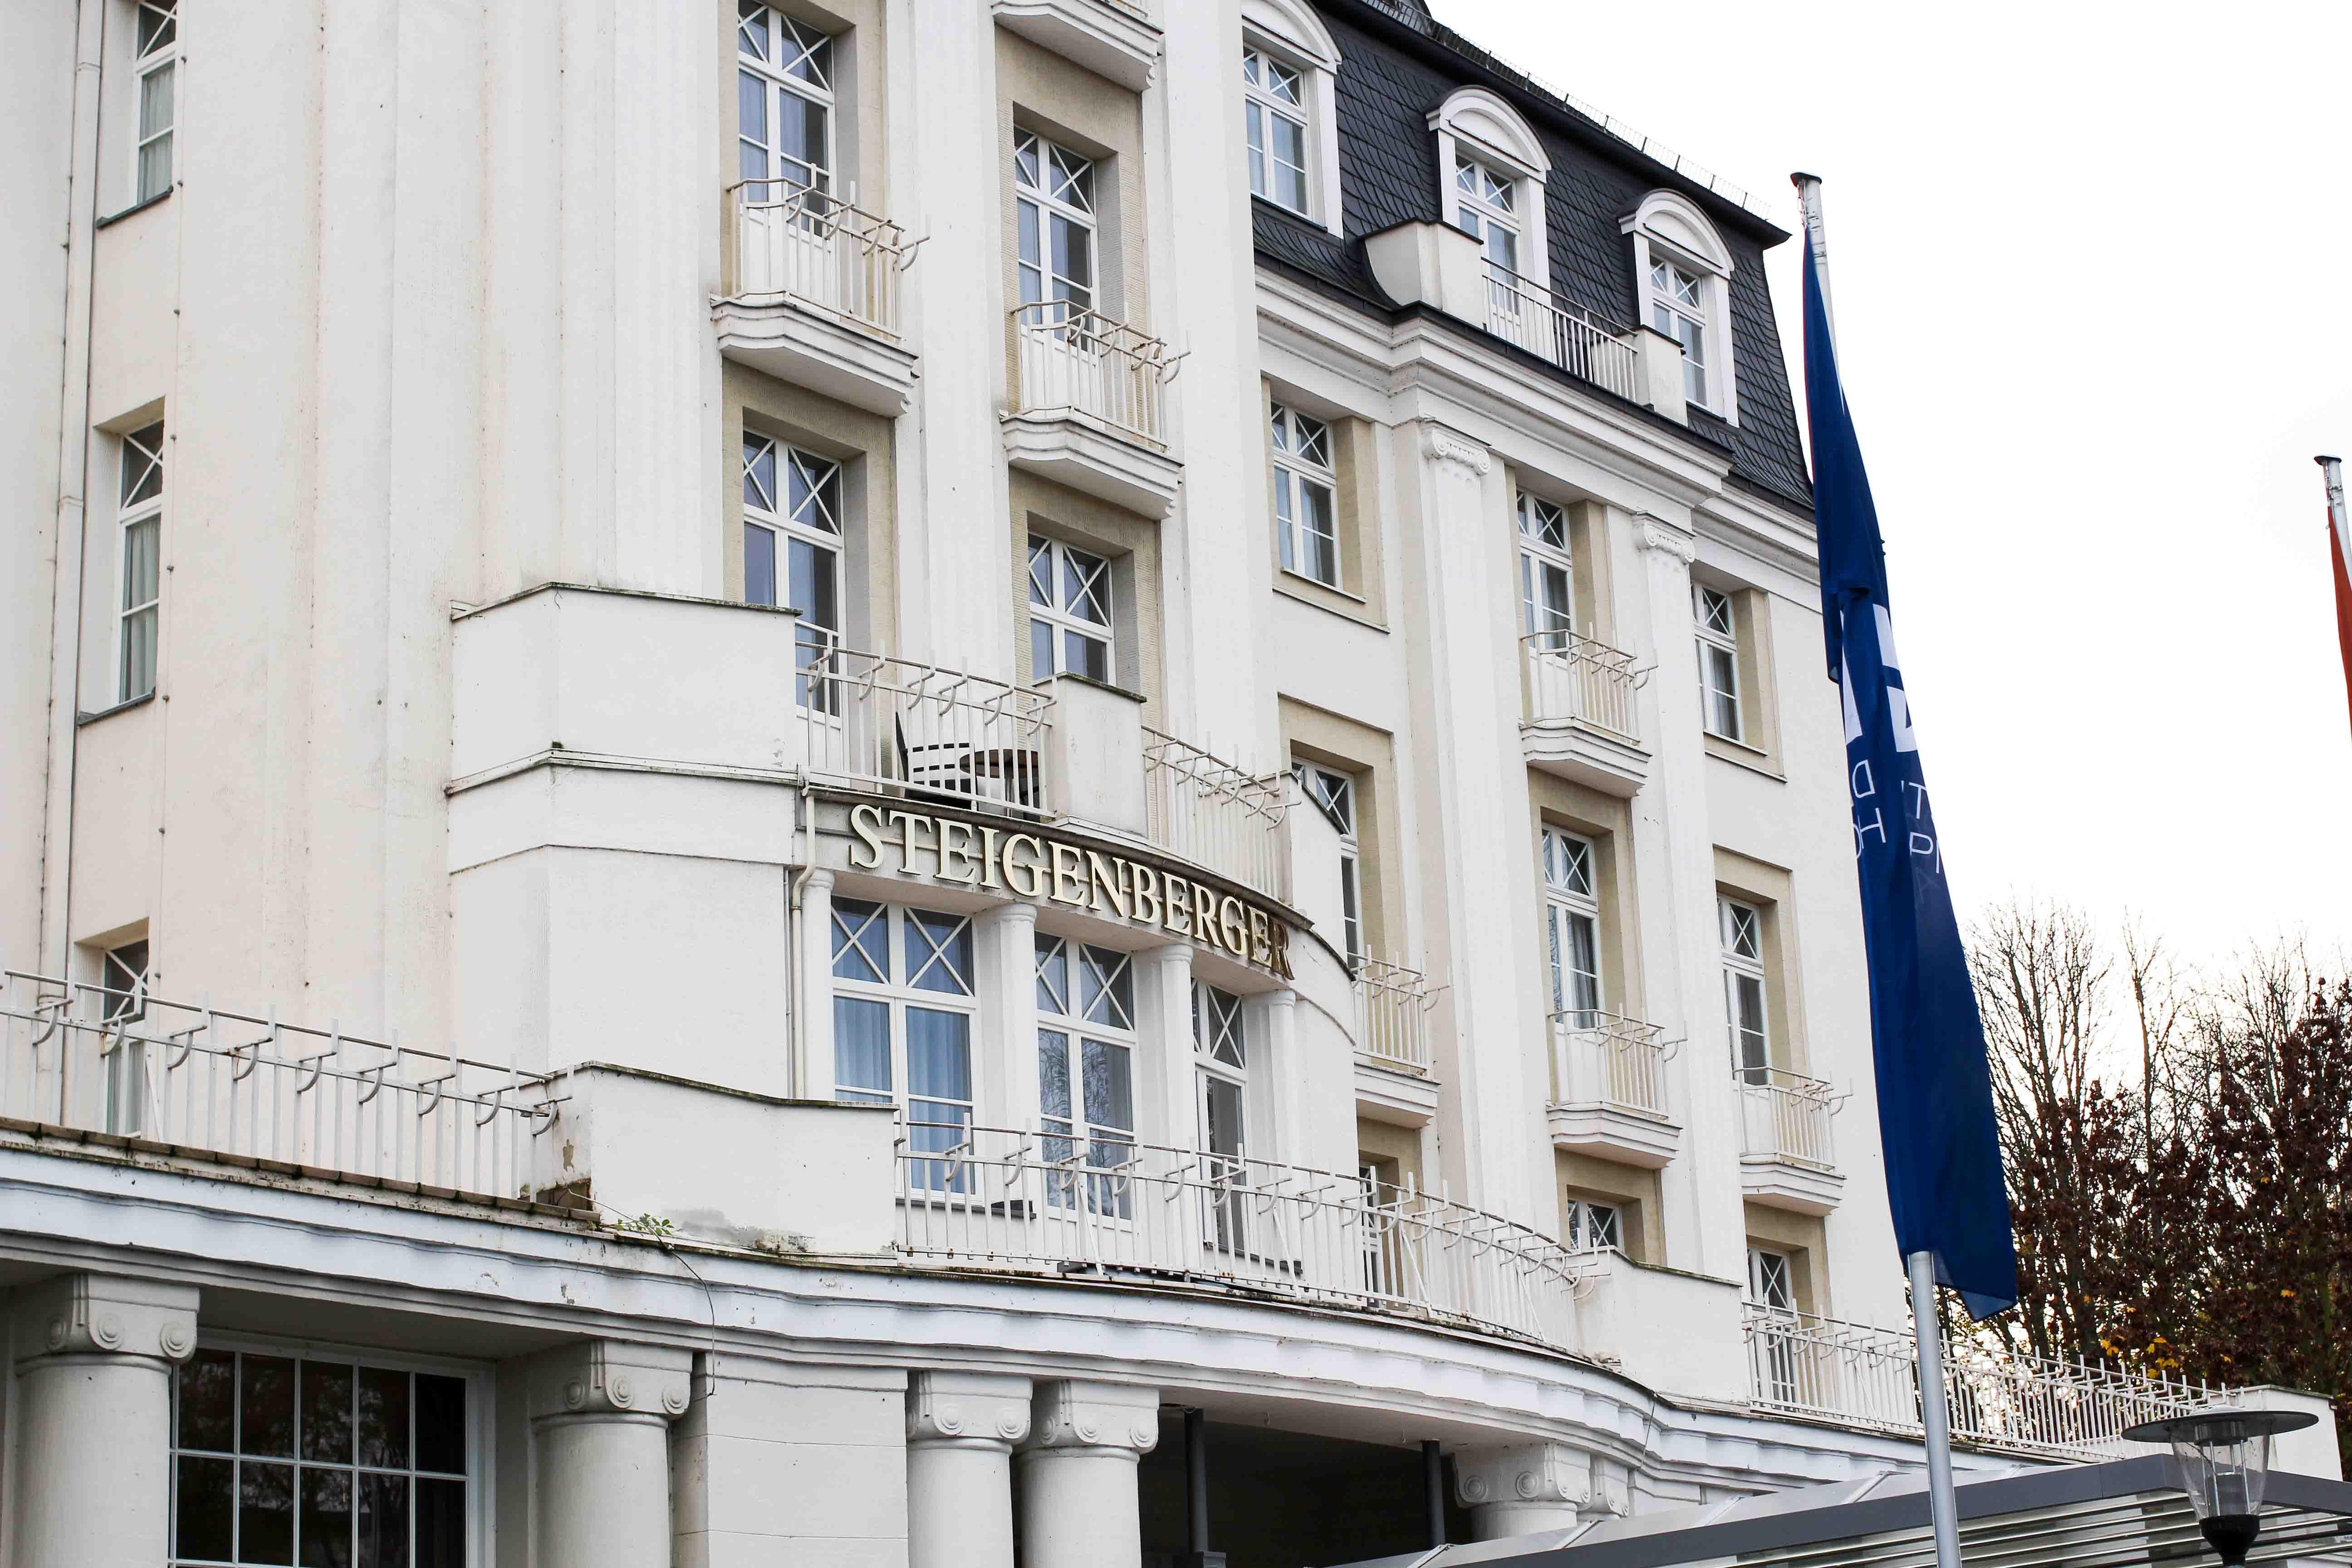 Steigenberger Hotel Bad Neuenahr #Stahr Bloggerreise Luxushotel